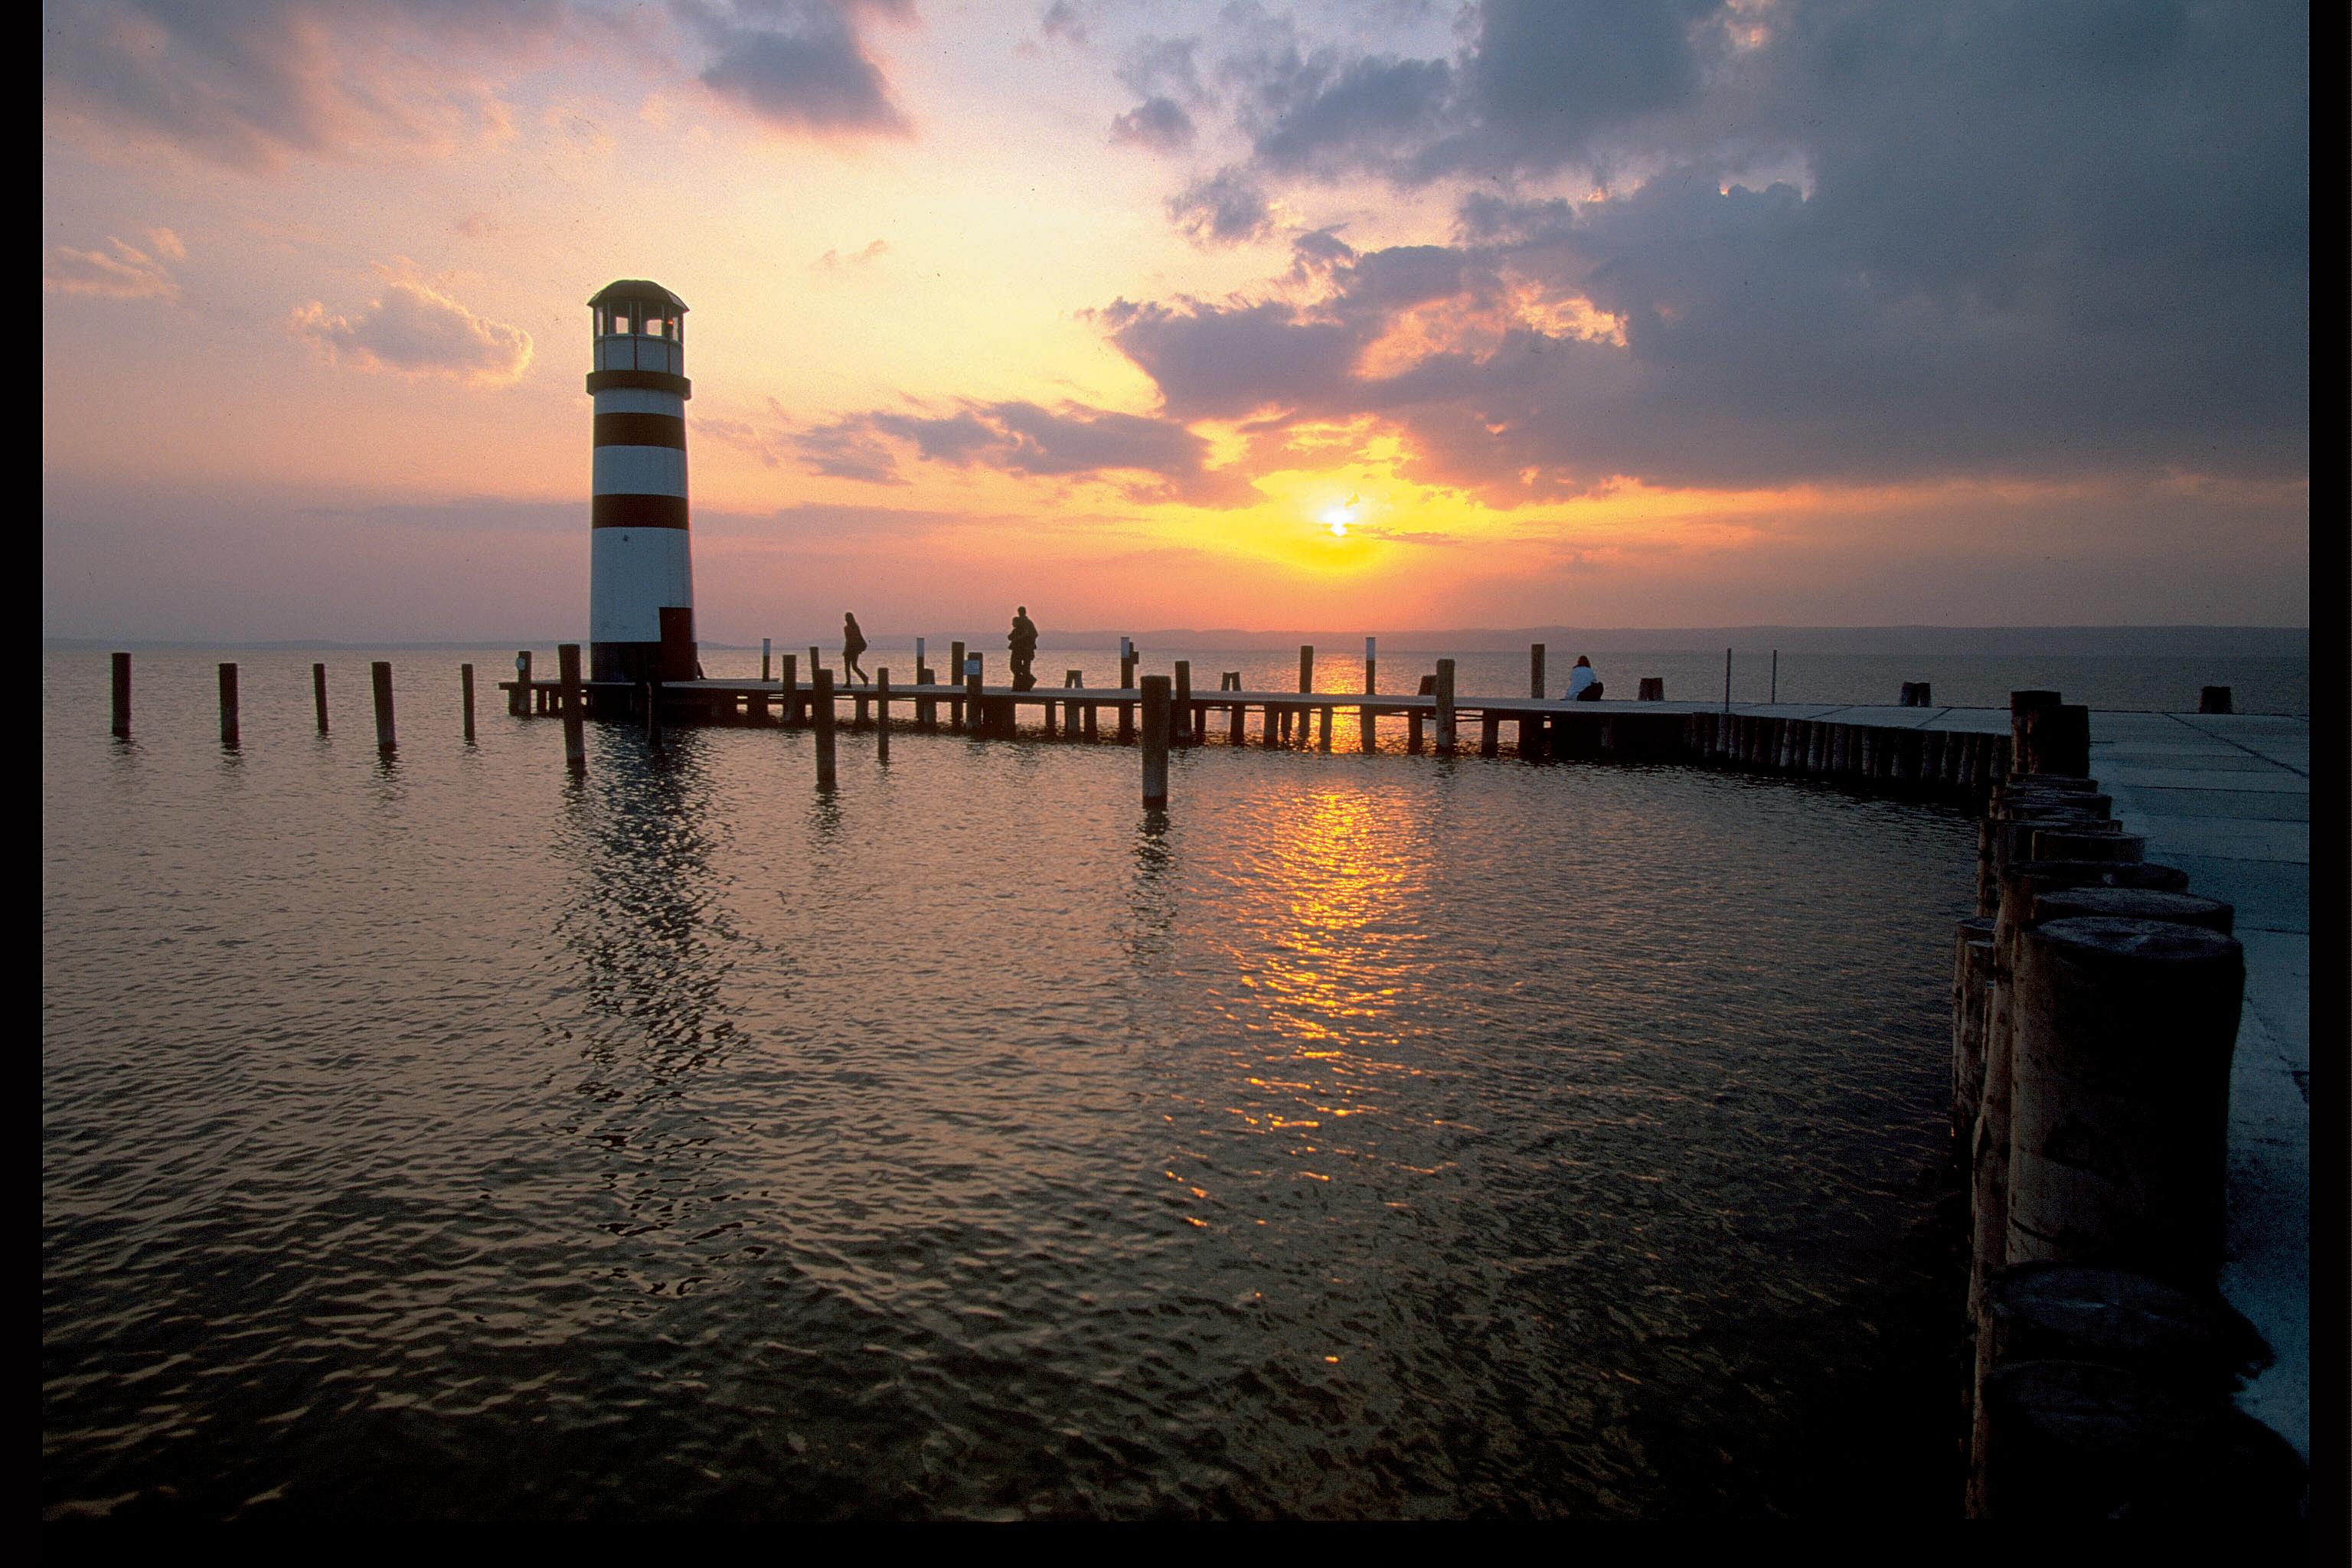 sonnenuntergang_leuchtturm_podersdorf